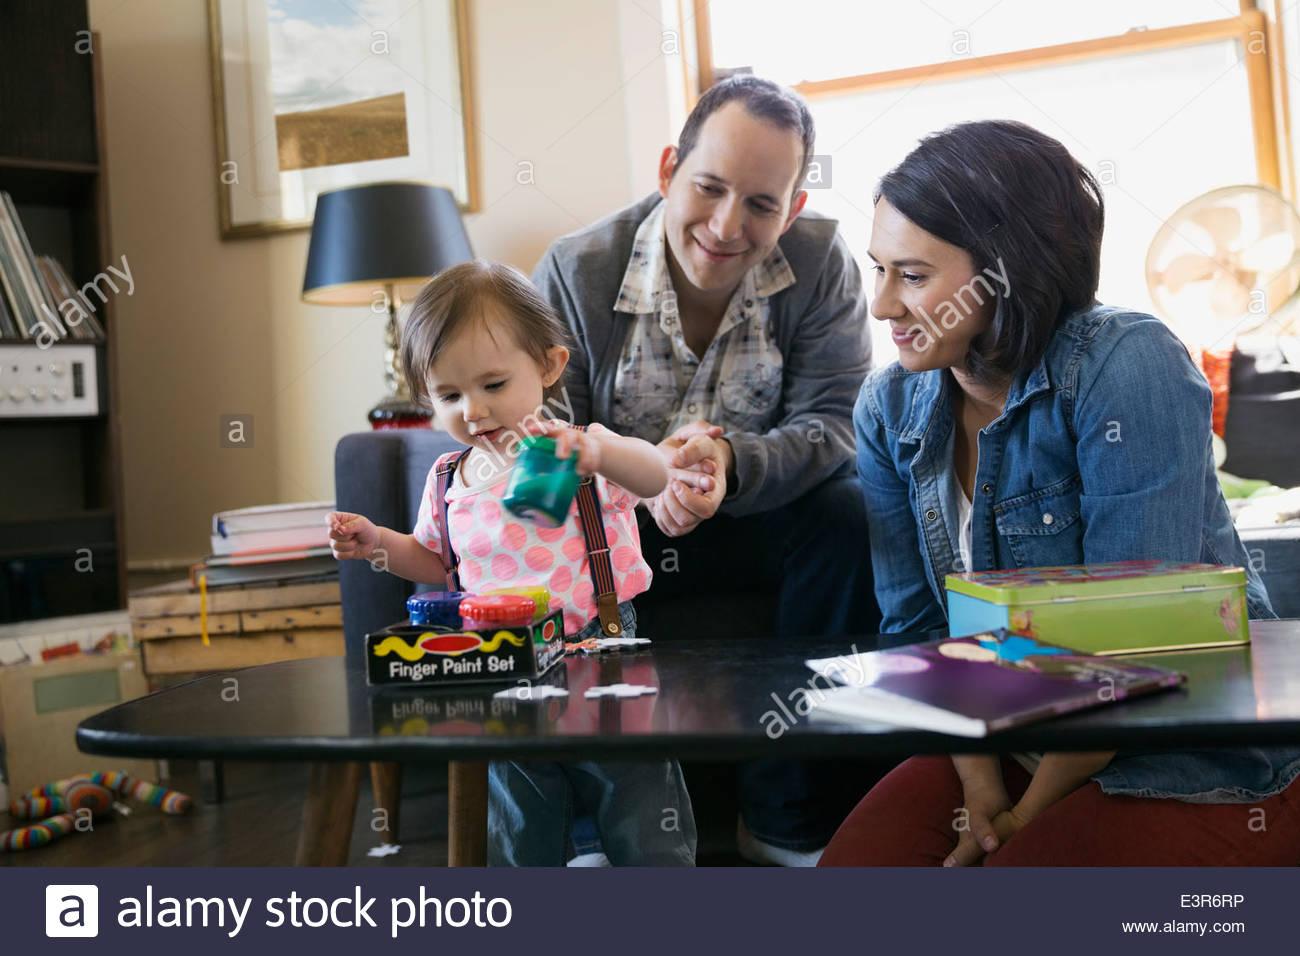 Familia joven jugando en la sala de estar Imagen De Stock